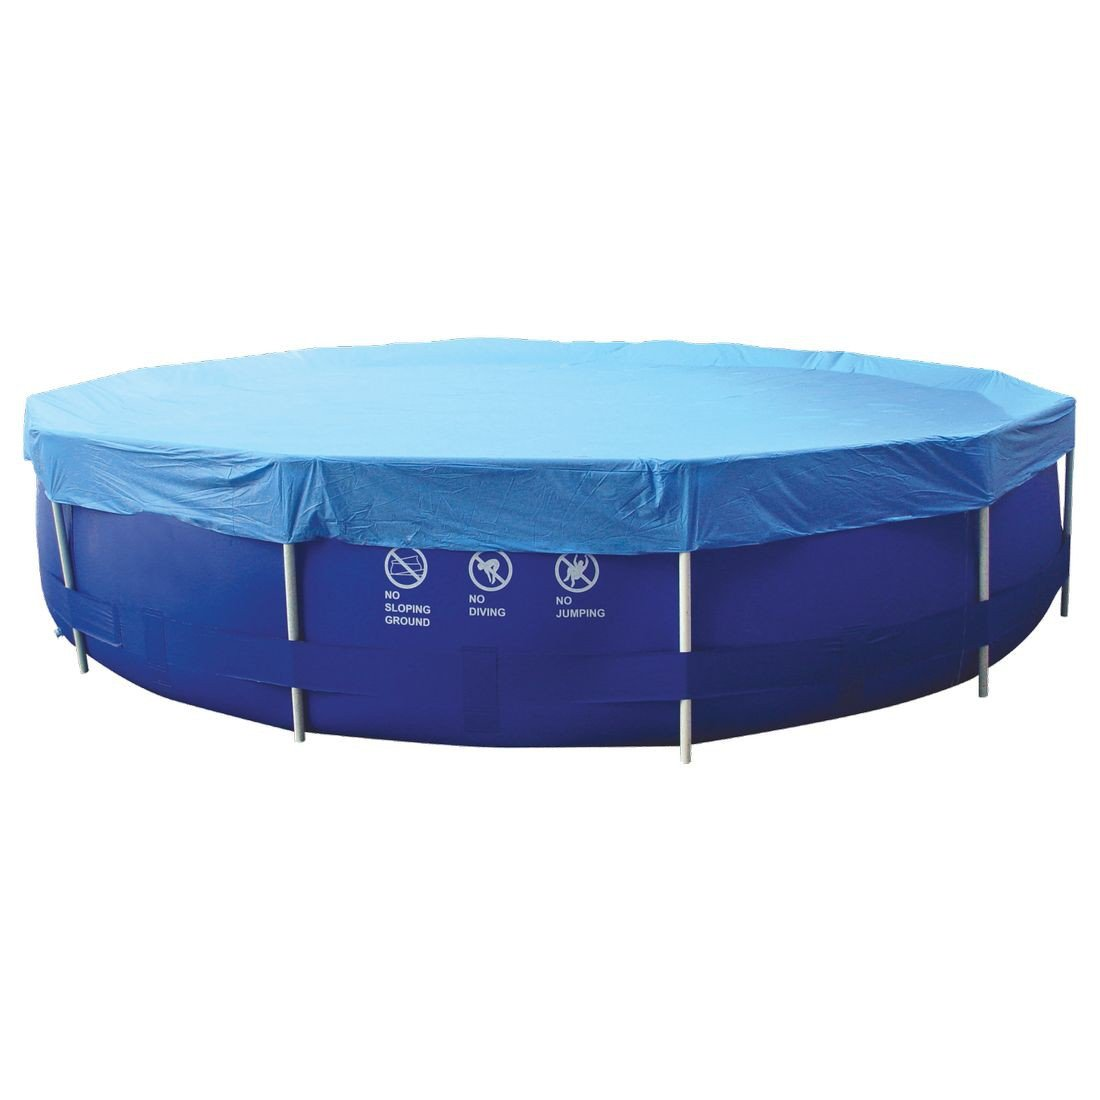 Jilong Pool-Abdeckung rund Abdeckplane für runde Frame Pool Gr. Ø 300 - 305 cm Stahlrohr Schwimmbecken Stahlrahmen Rundpool Schwimmbad Cover 6926799207250